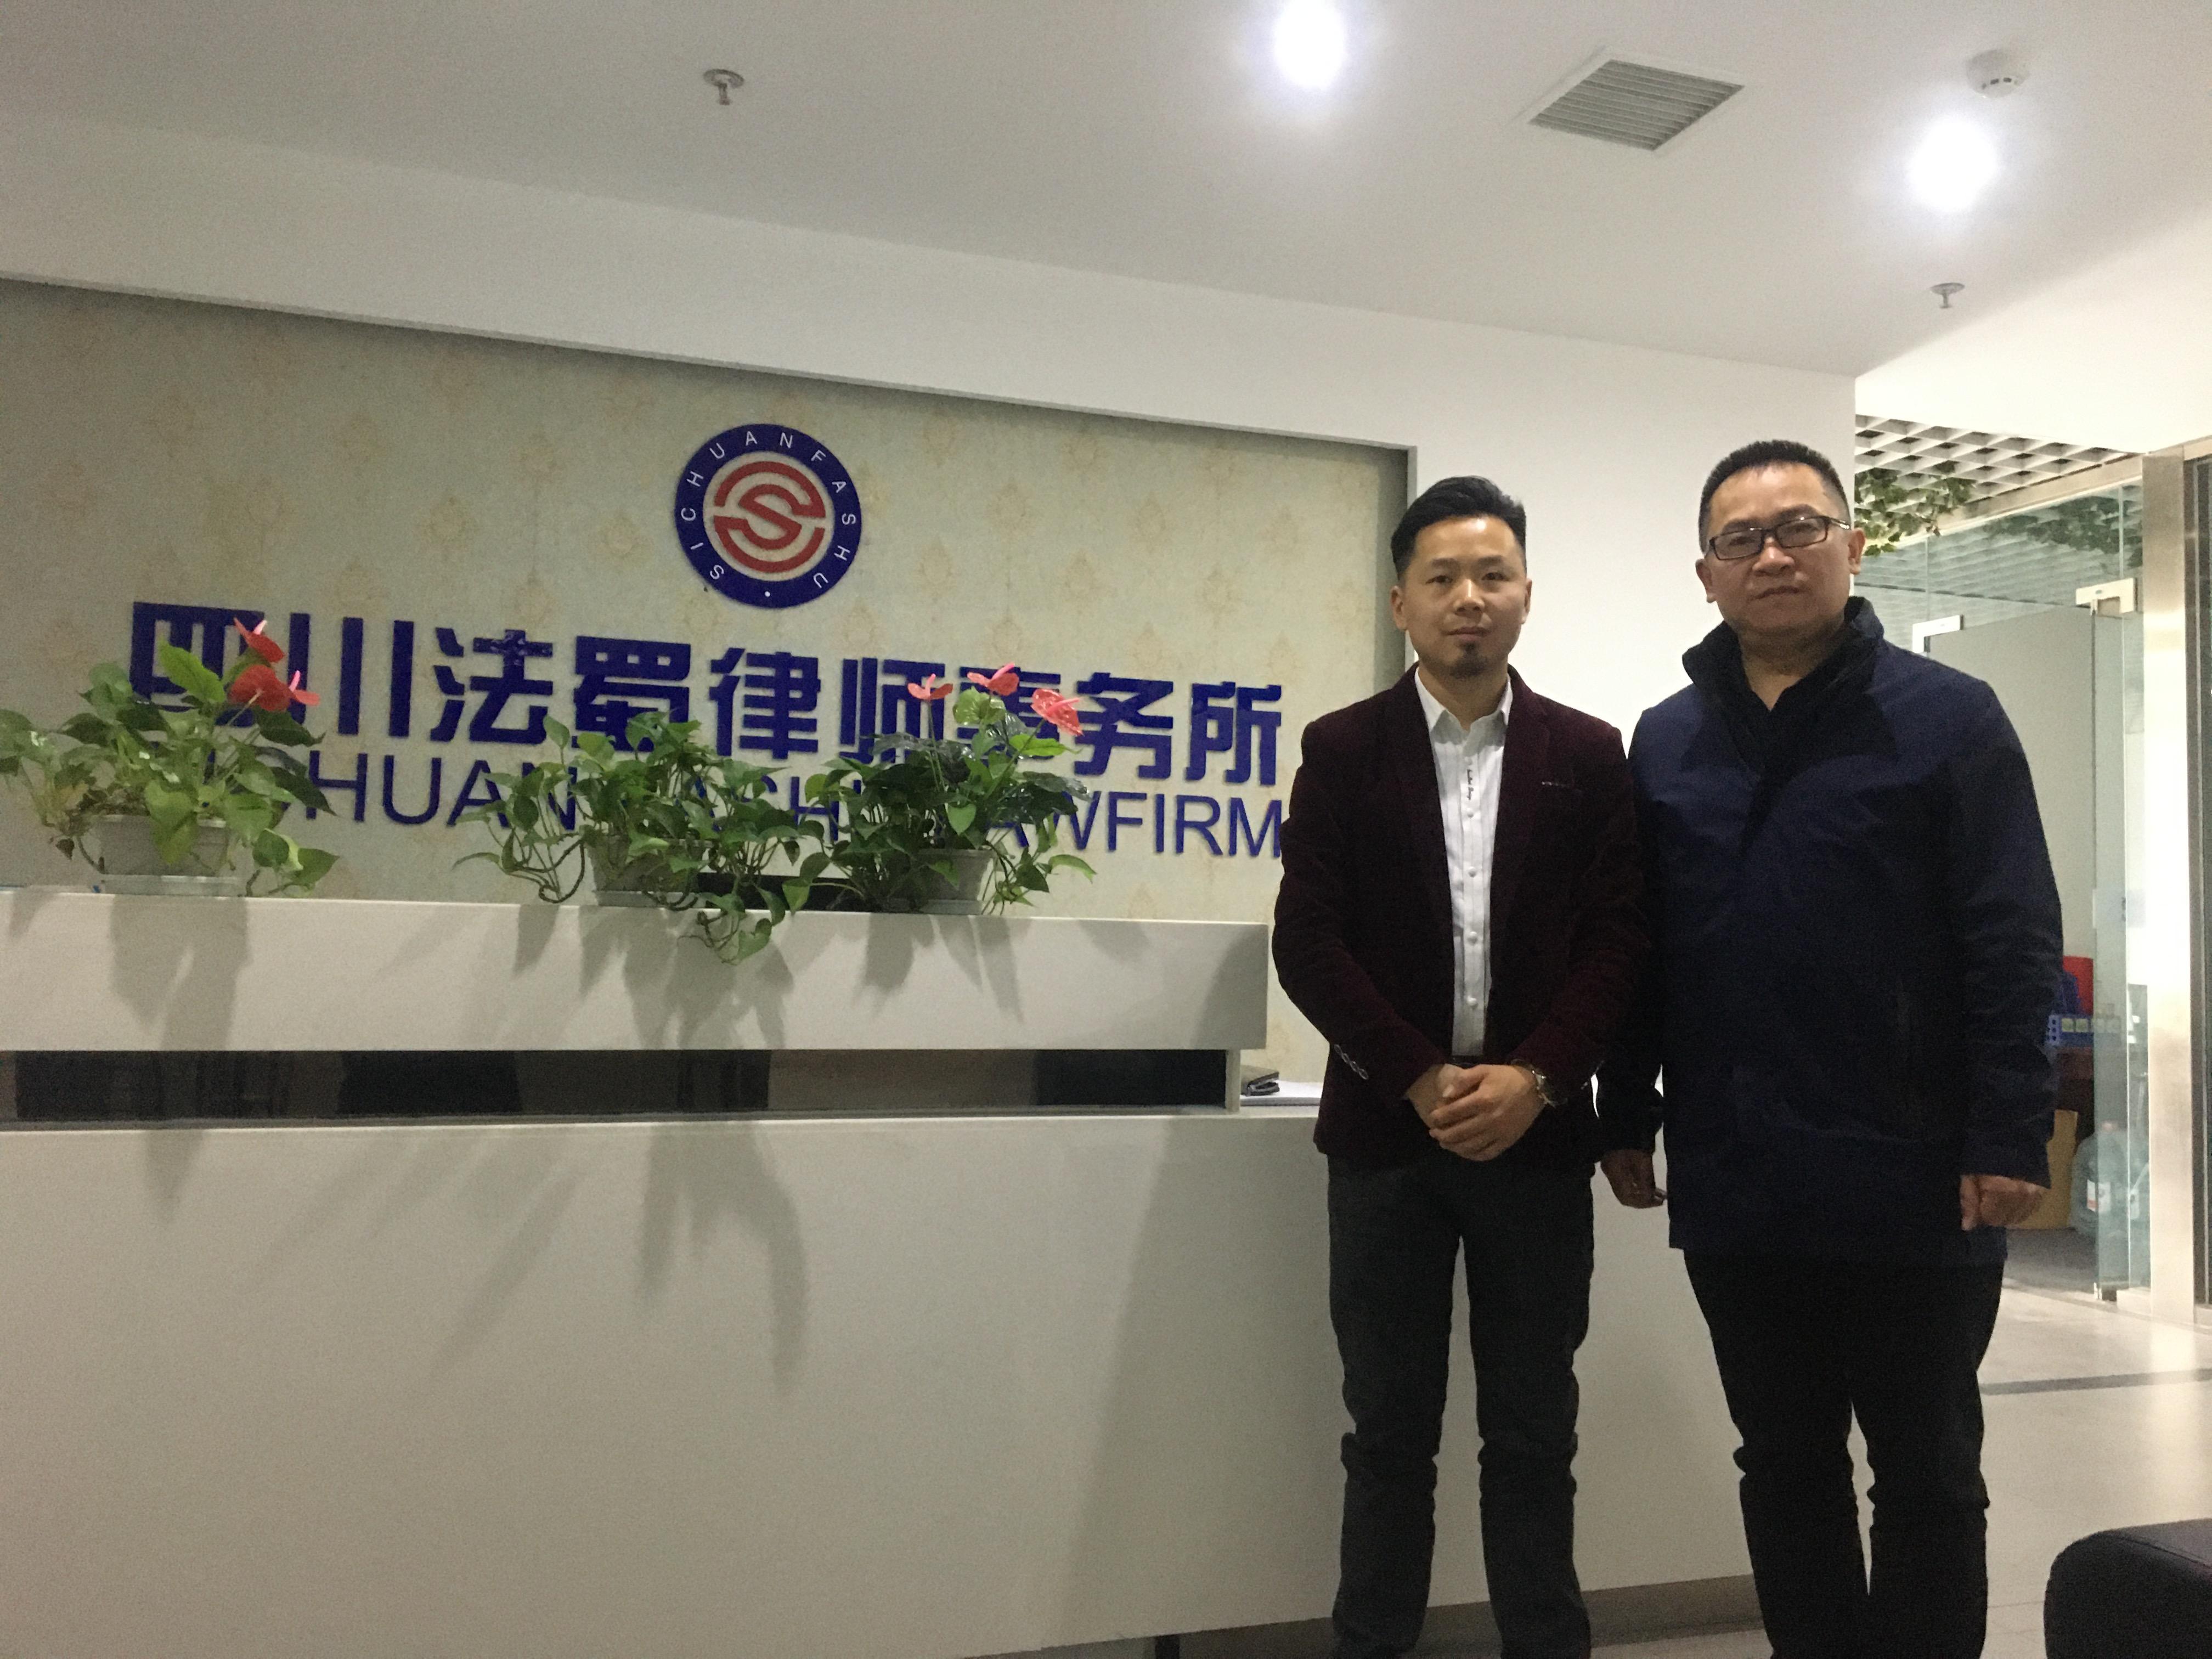 龚氏网总编辑龚国林赴四川法蜀律师事务所参观交流